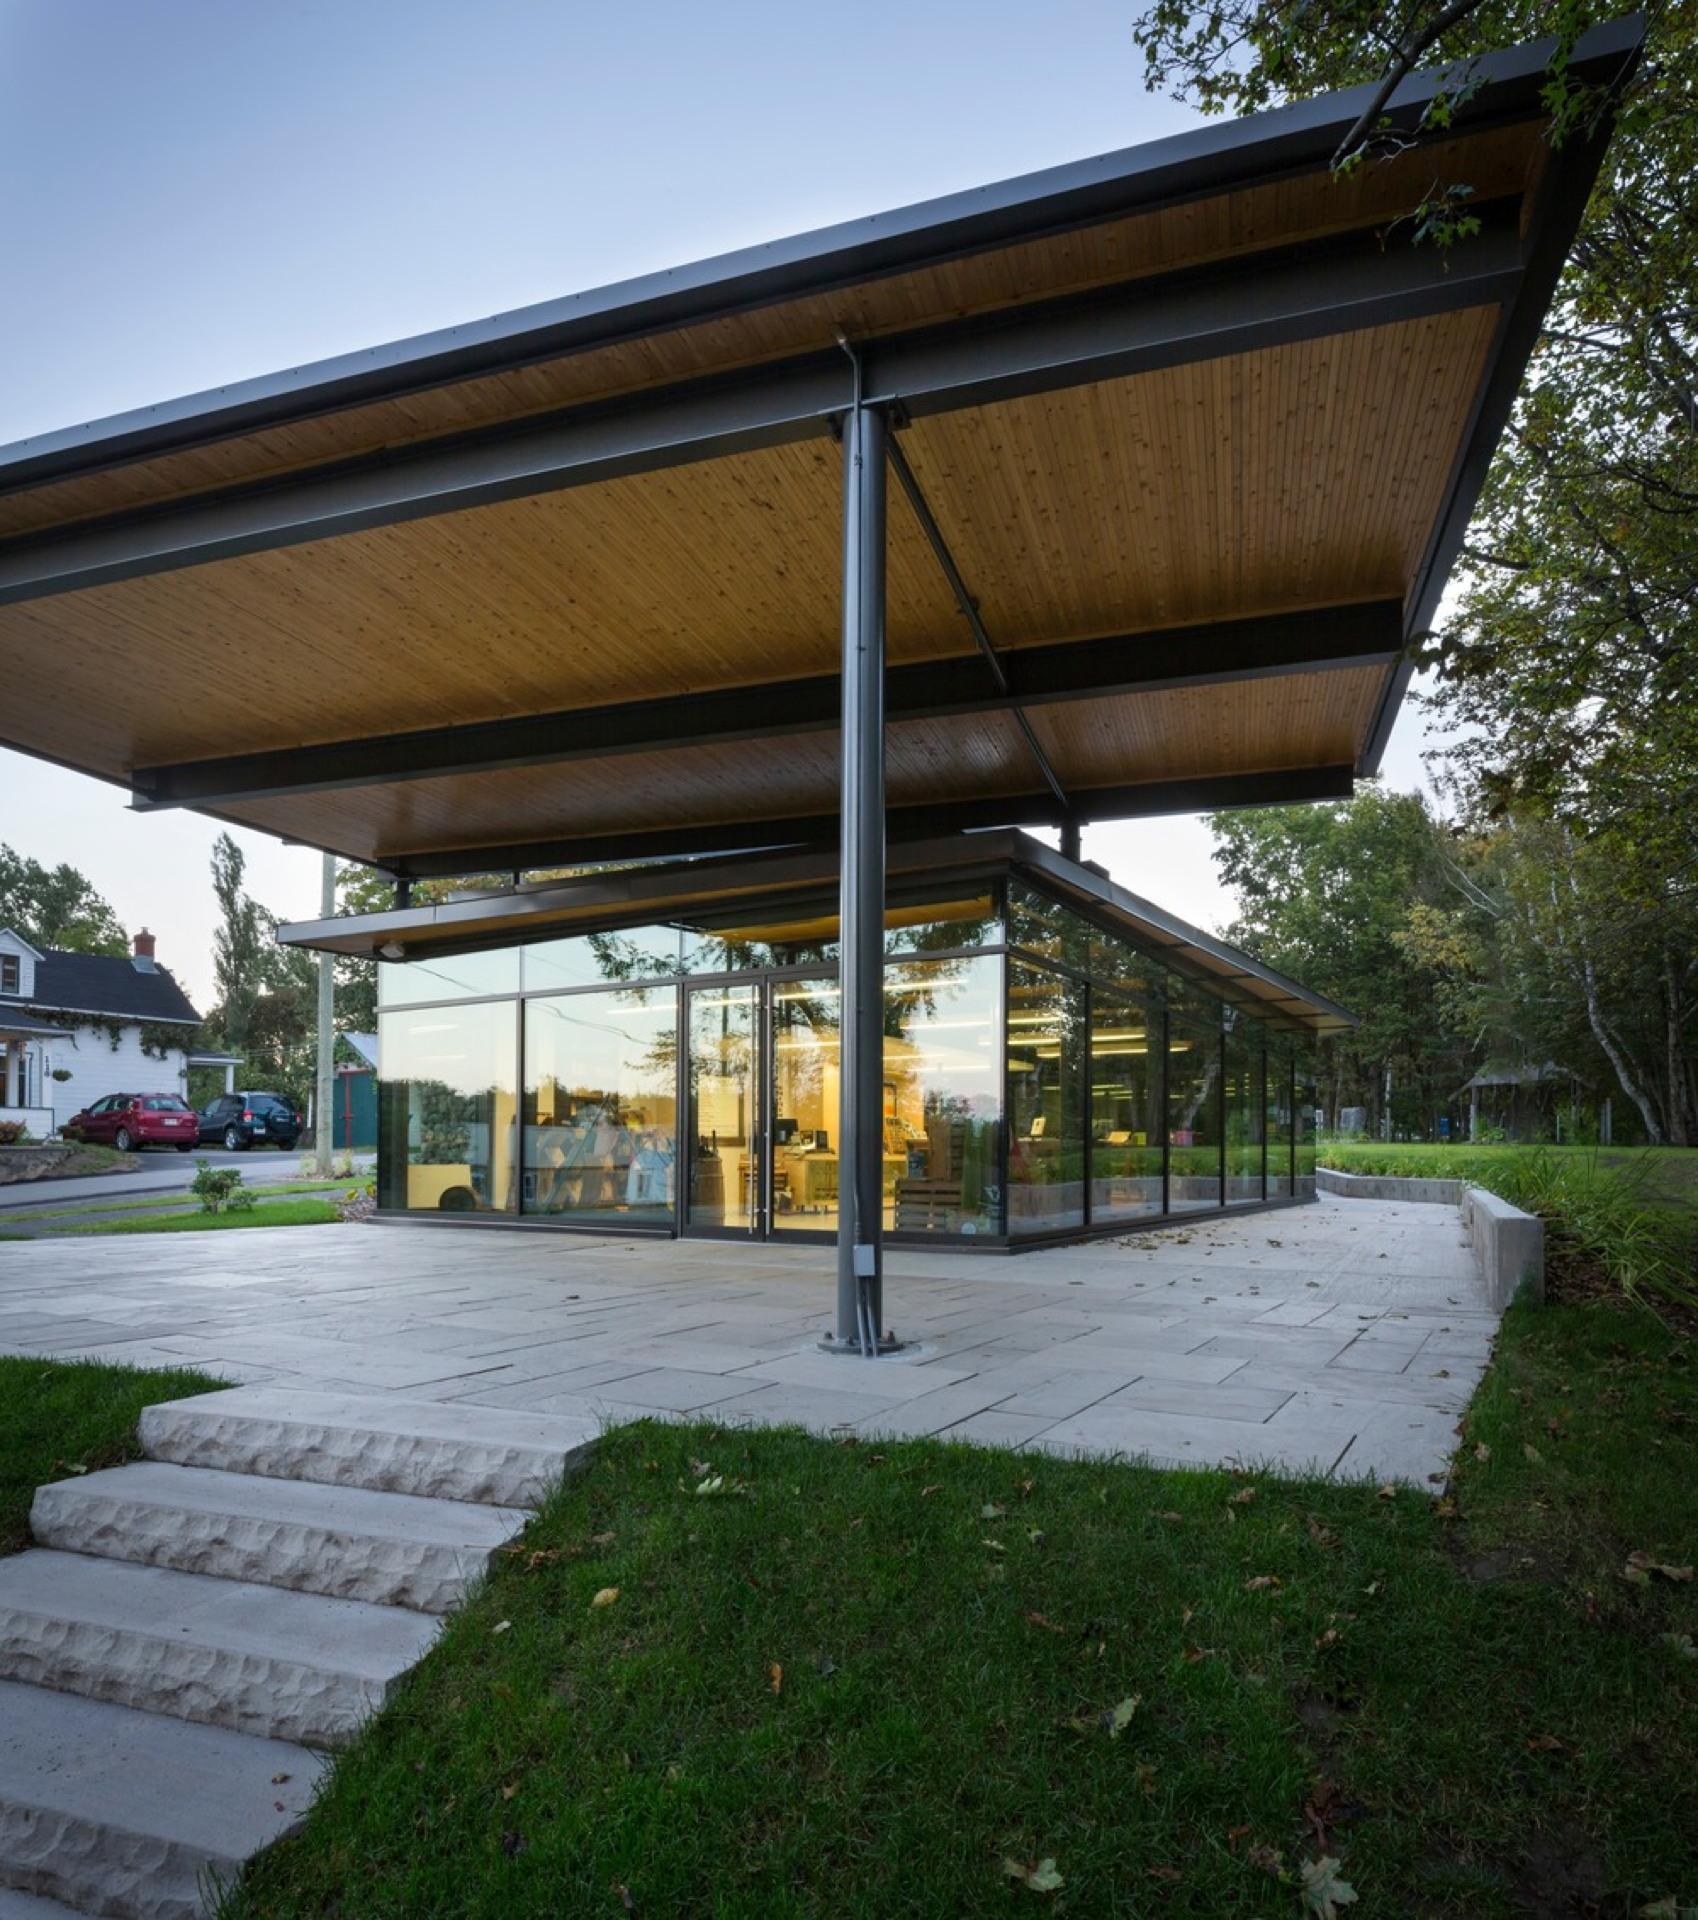 Landscape Pavilion By Anne Carrier Architecture